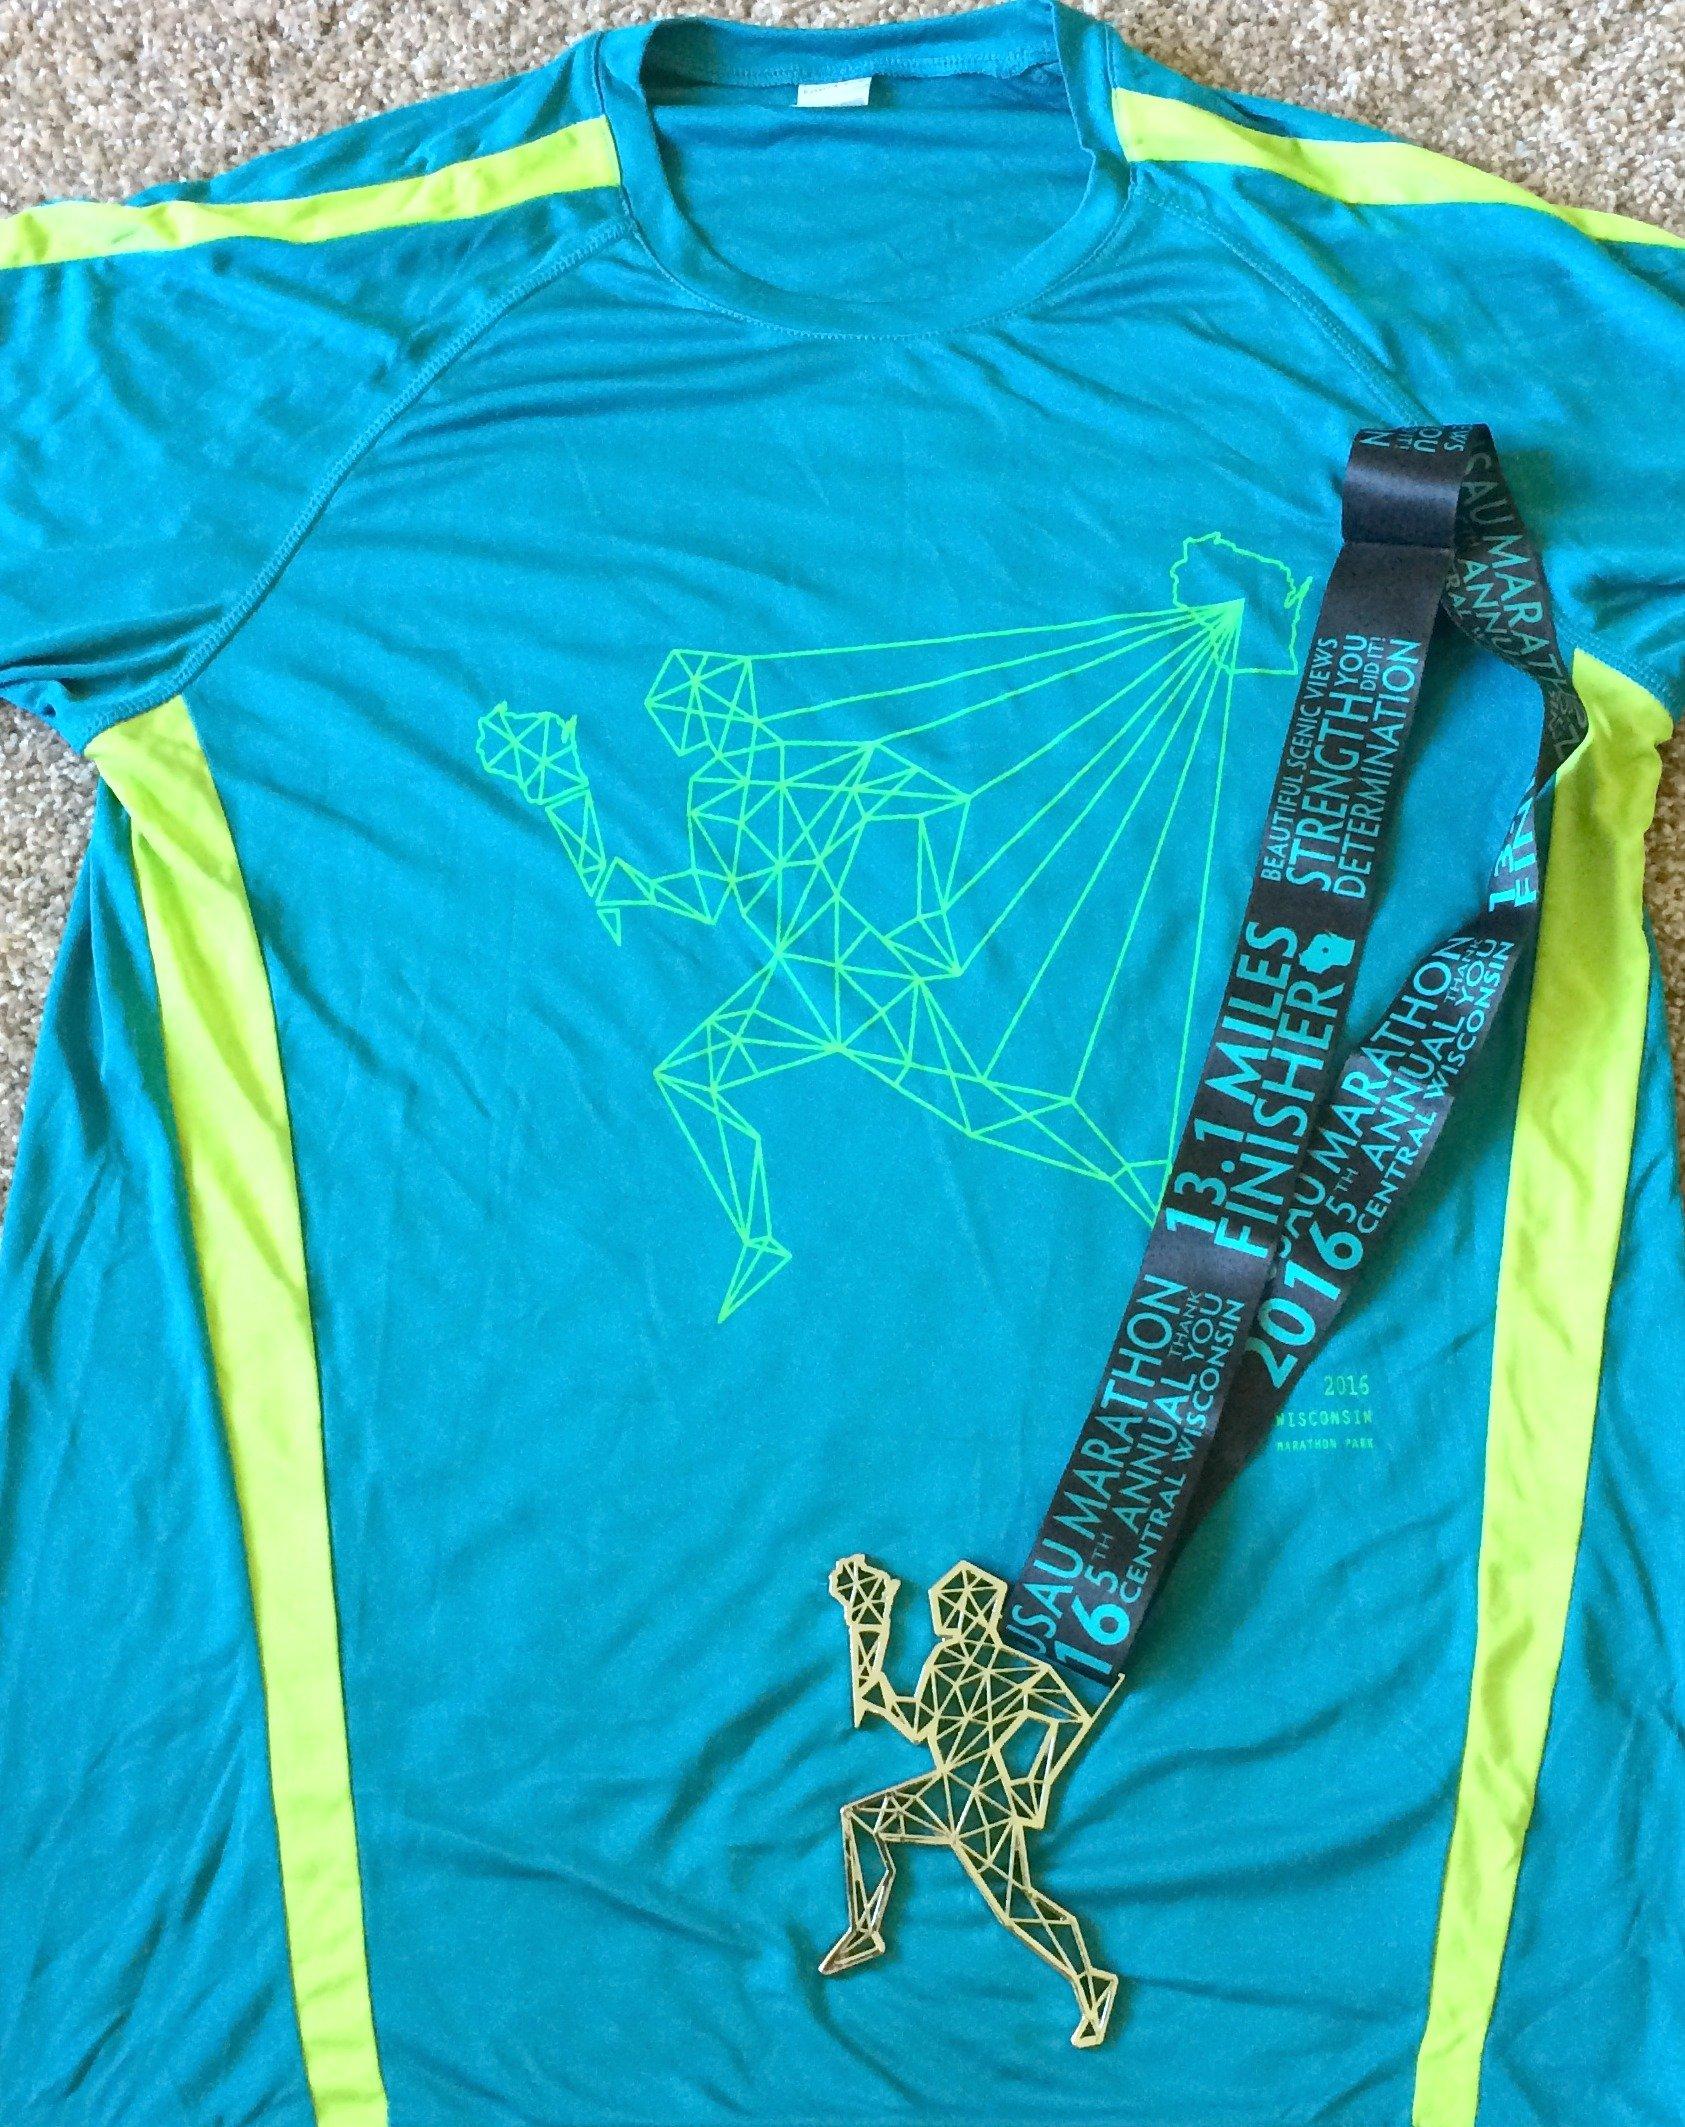 Wausau half marathon shirt